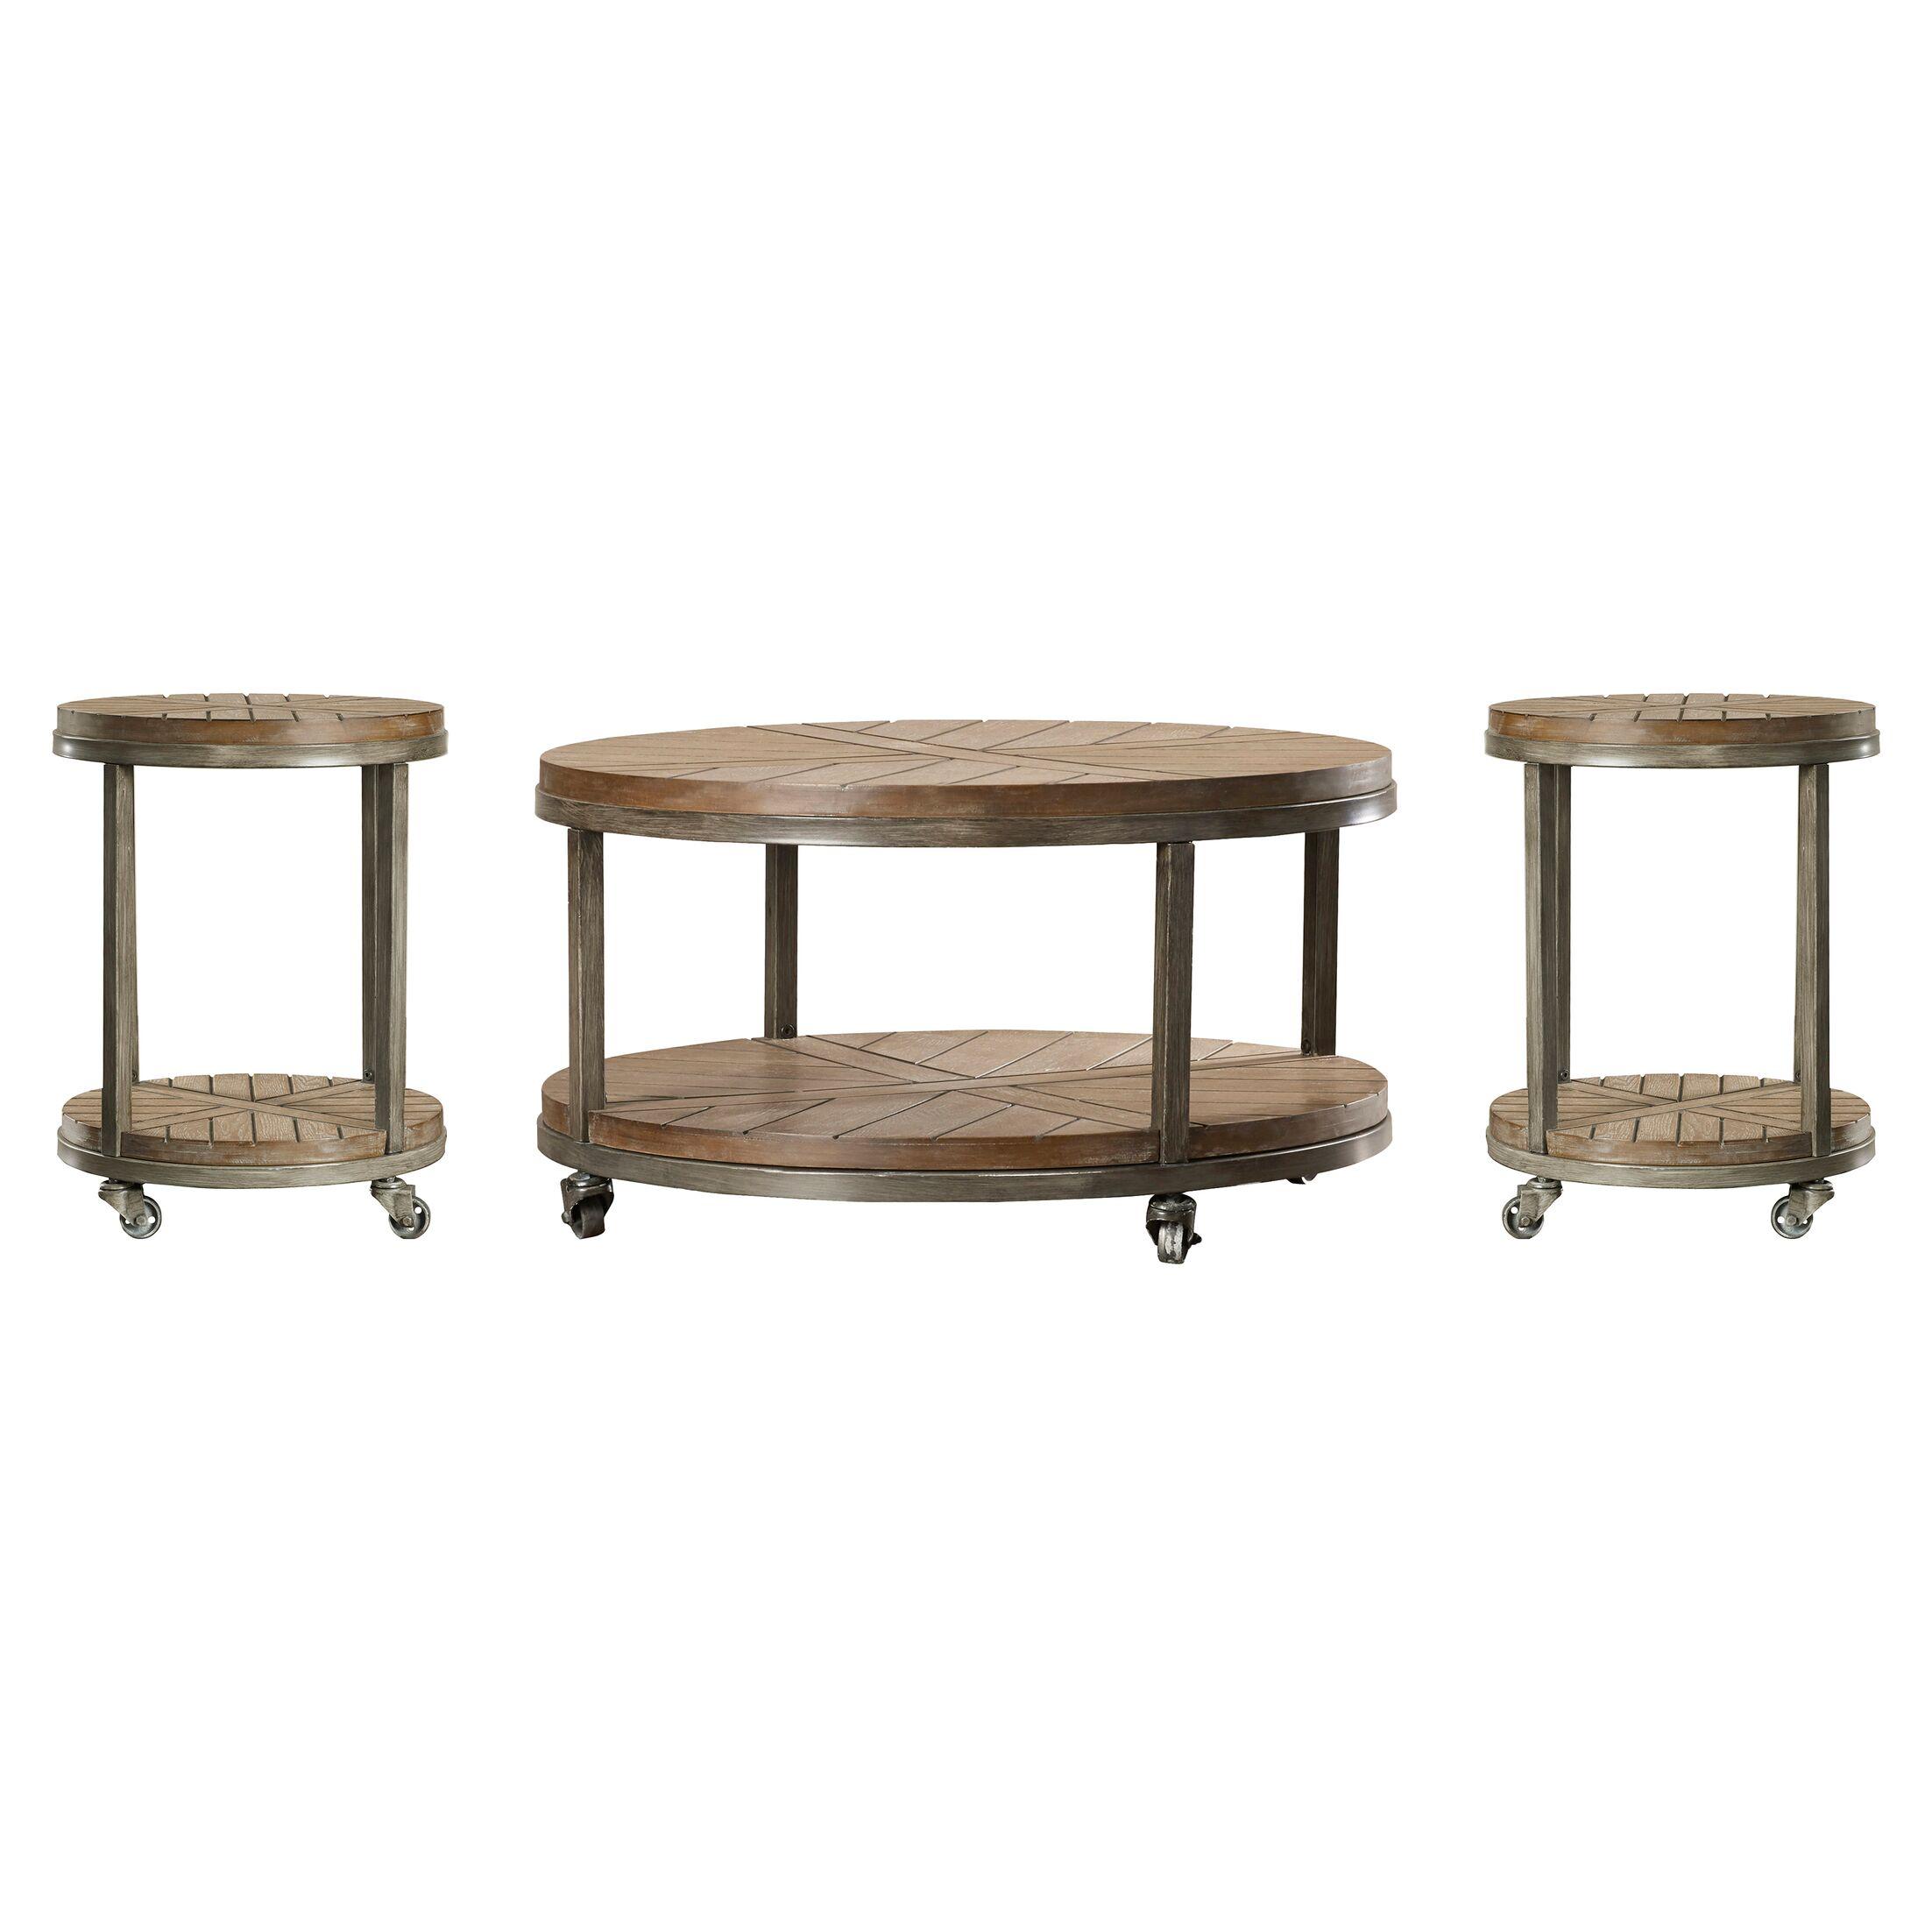 Drossett 3 Piece Coffee Table Set